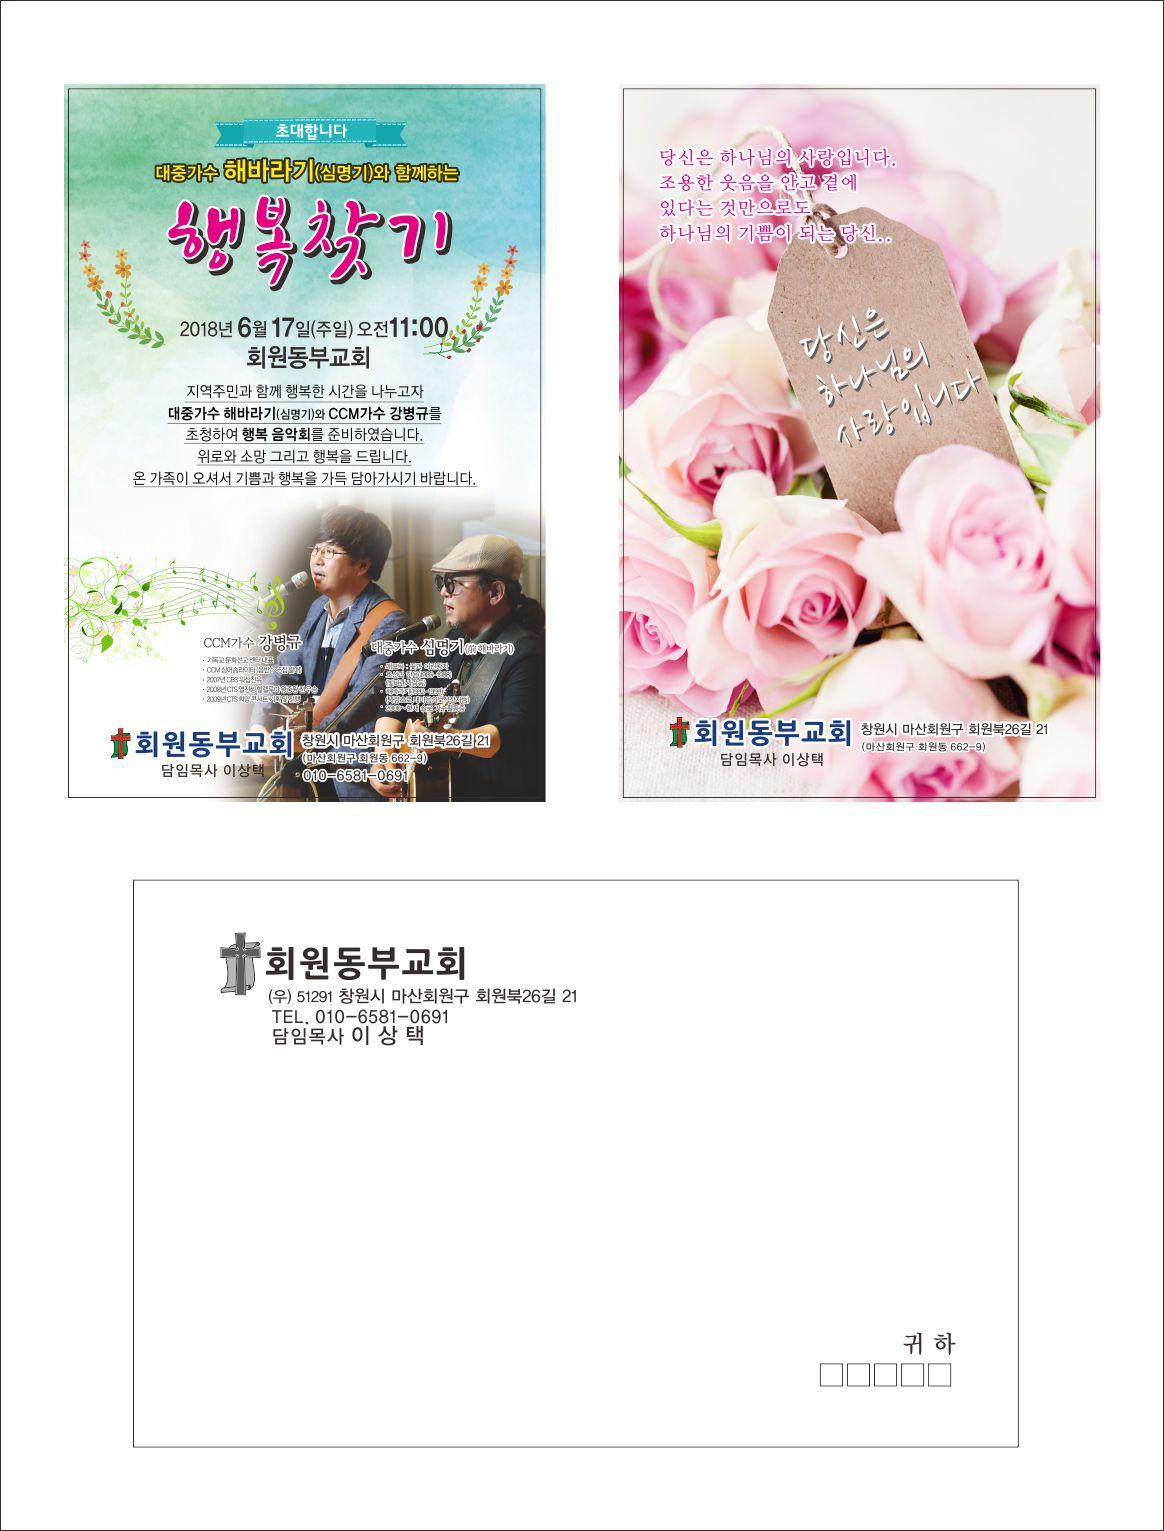 회원동부교회 행복콘서트 엽서.jpg